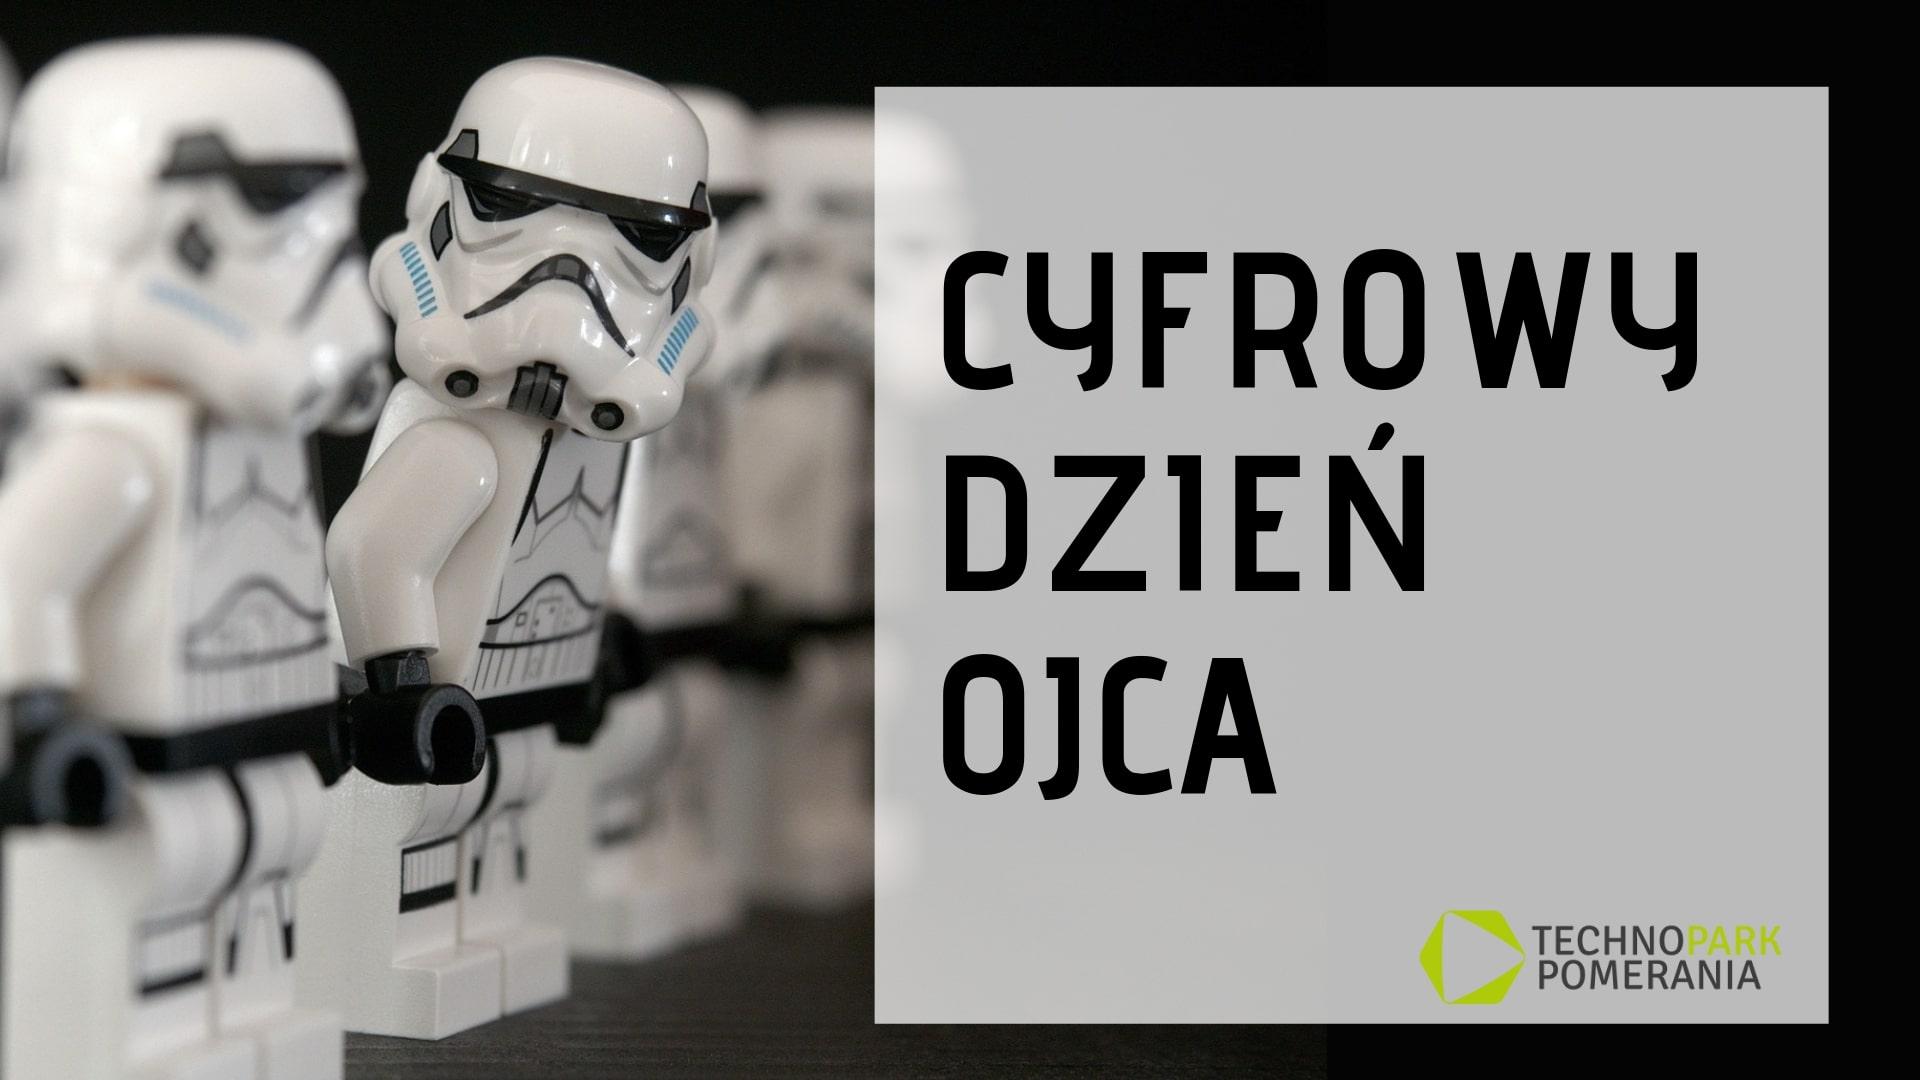 Cyfrowy Dzień Ojca: LEGO i Star Wars